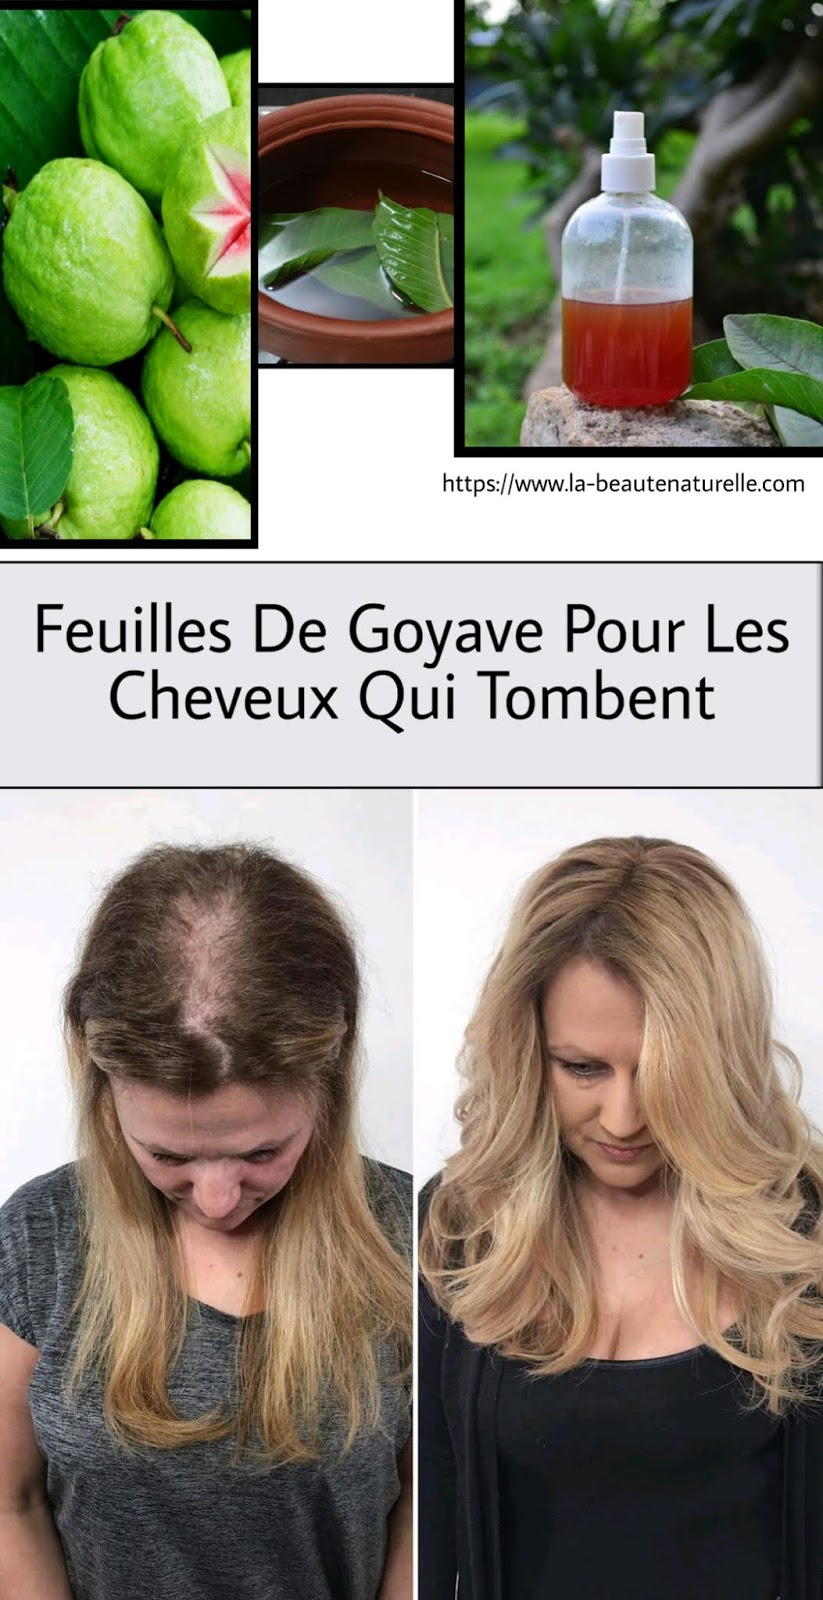 Feuilles De Goyave Pour Les Cheveux Qui Tombent